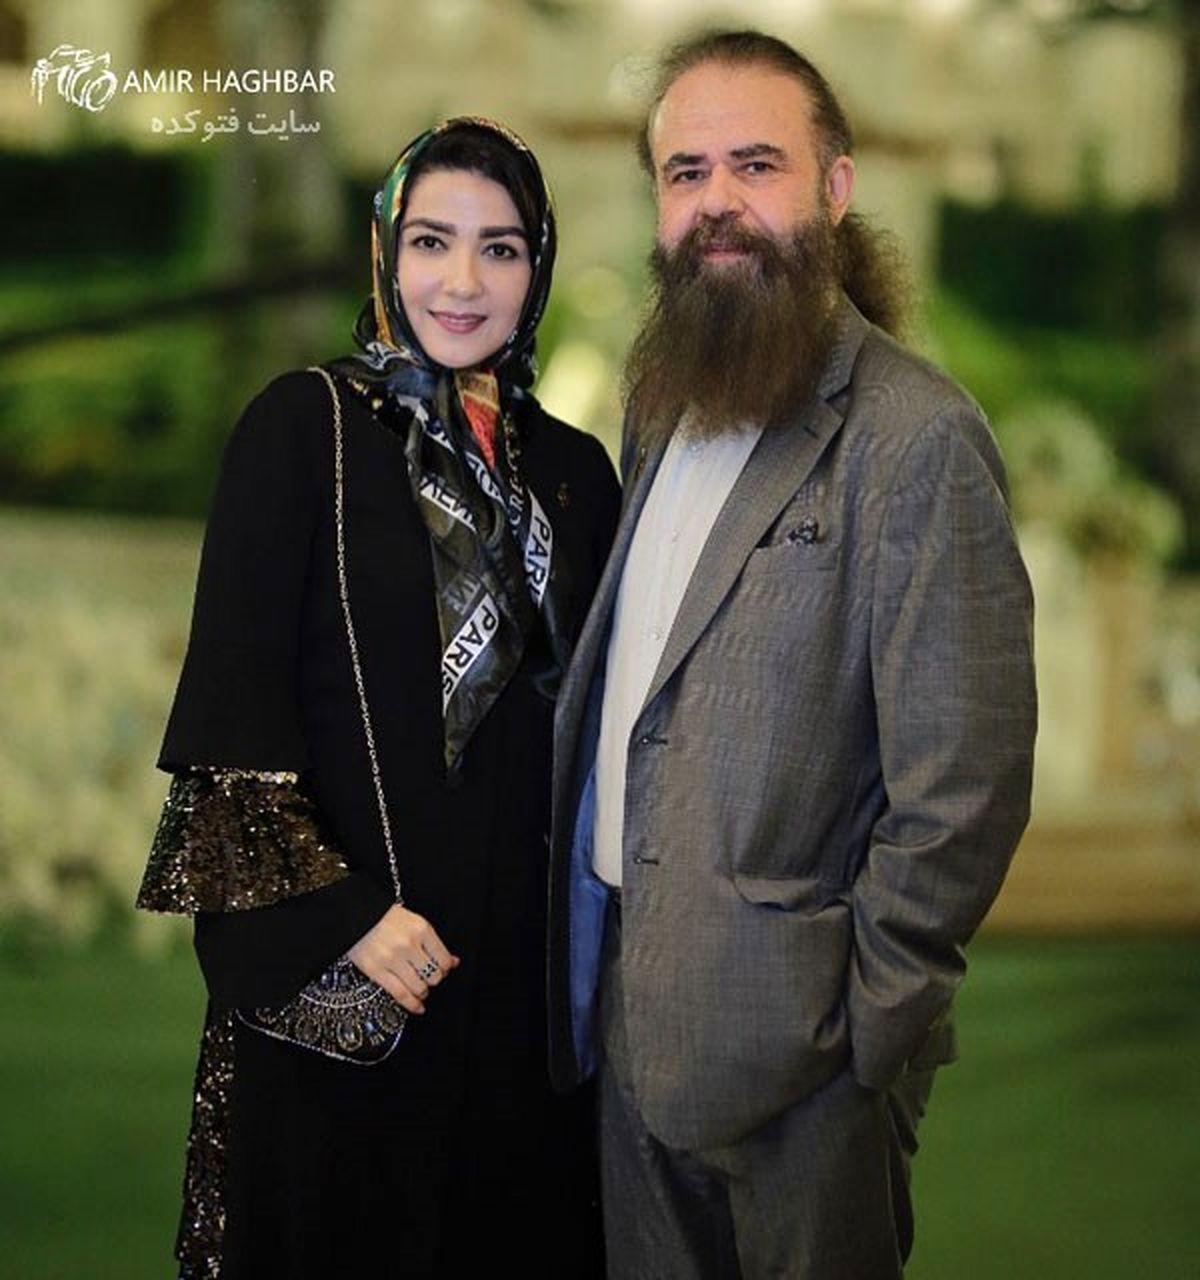 دل نوشته عاشقانه سارا صوفیانی برای همسرش